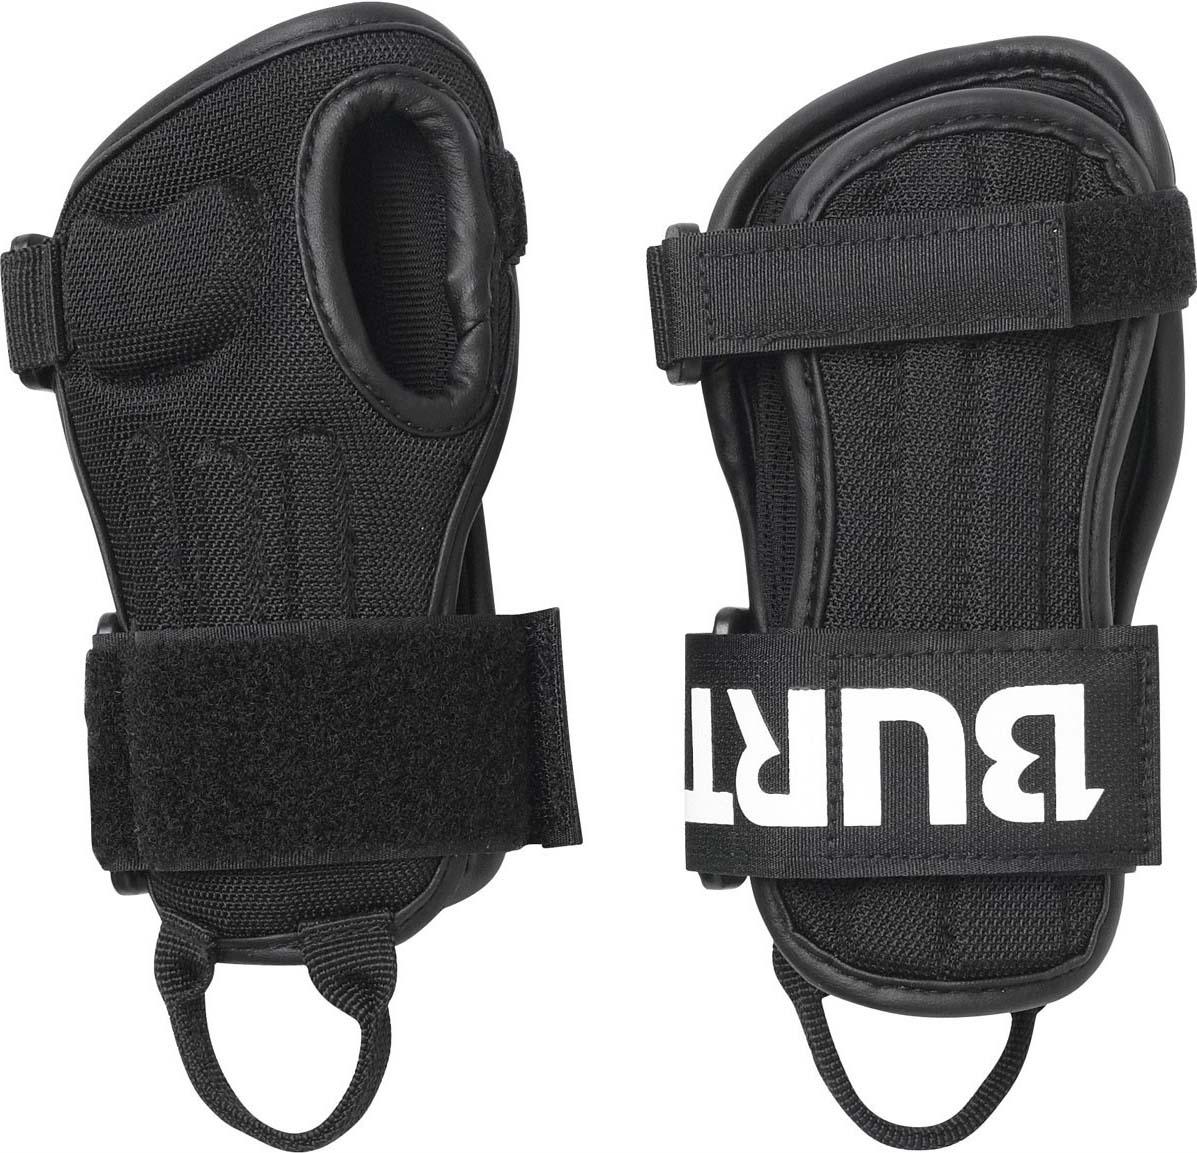 Защита запястья мужская Burton Adult Wrist Guards, цвет: черный. Размер M сноубордические перчатки roxy jetty